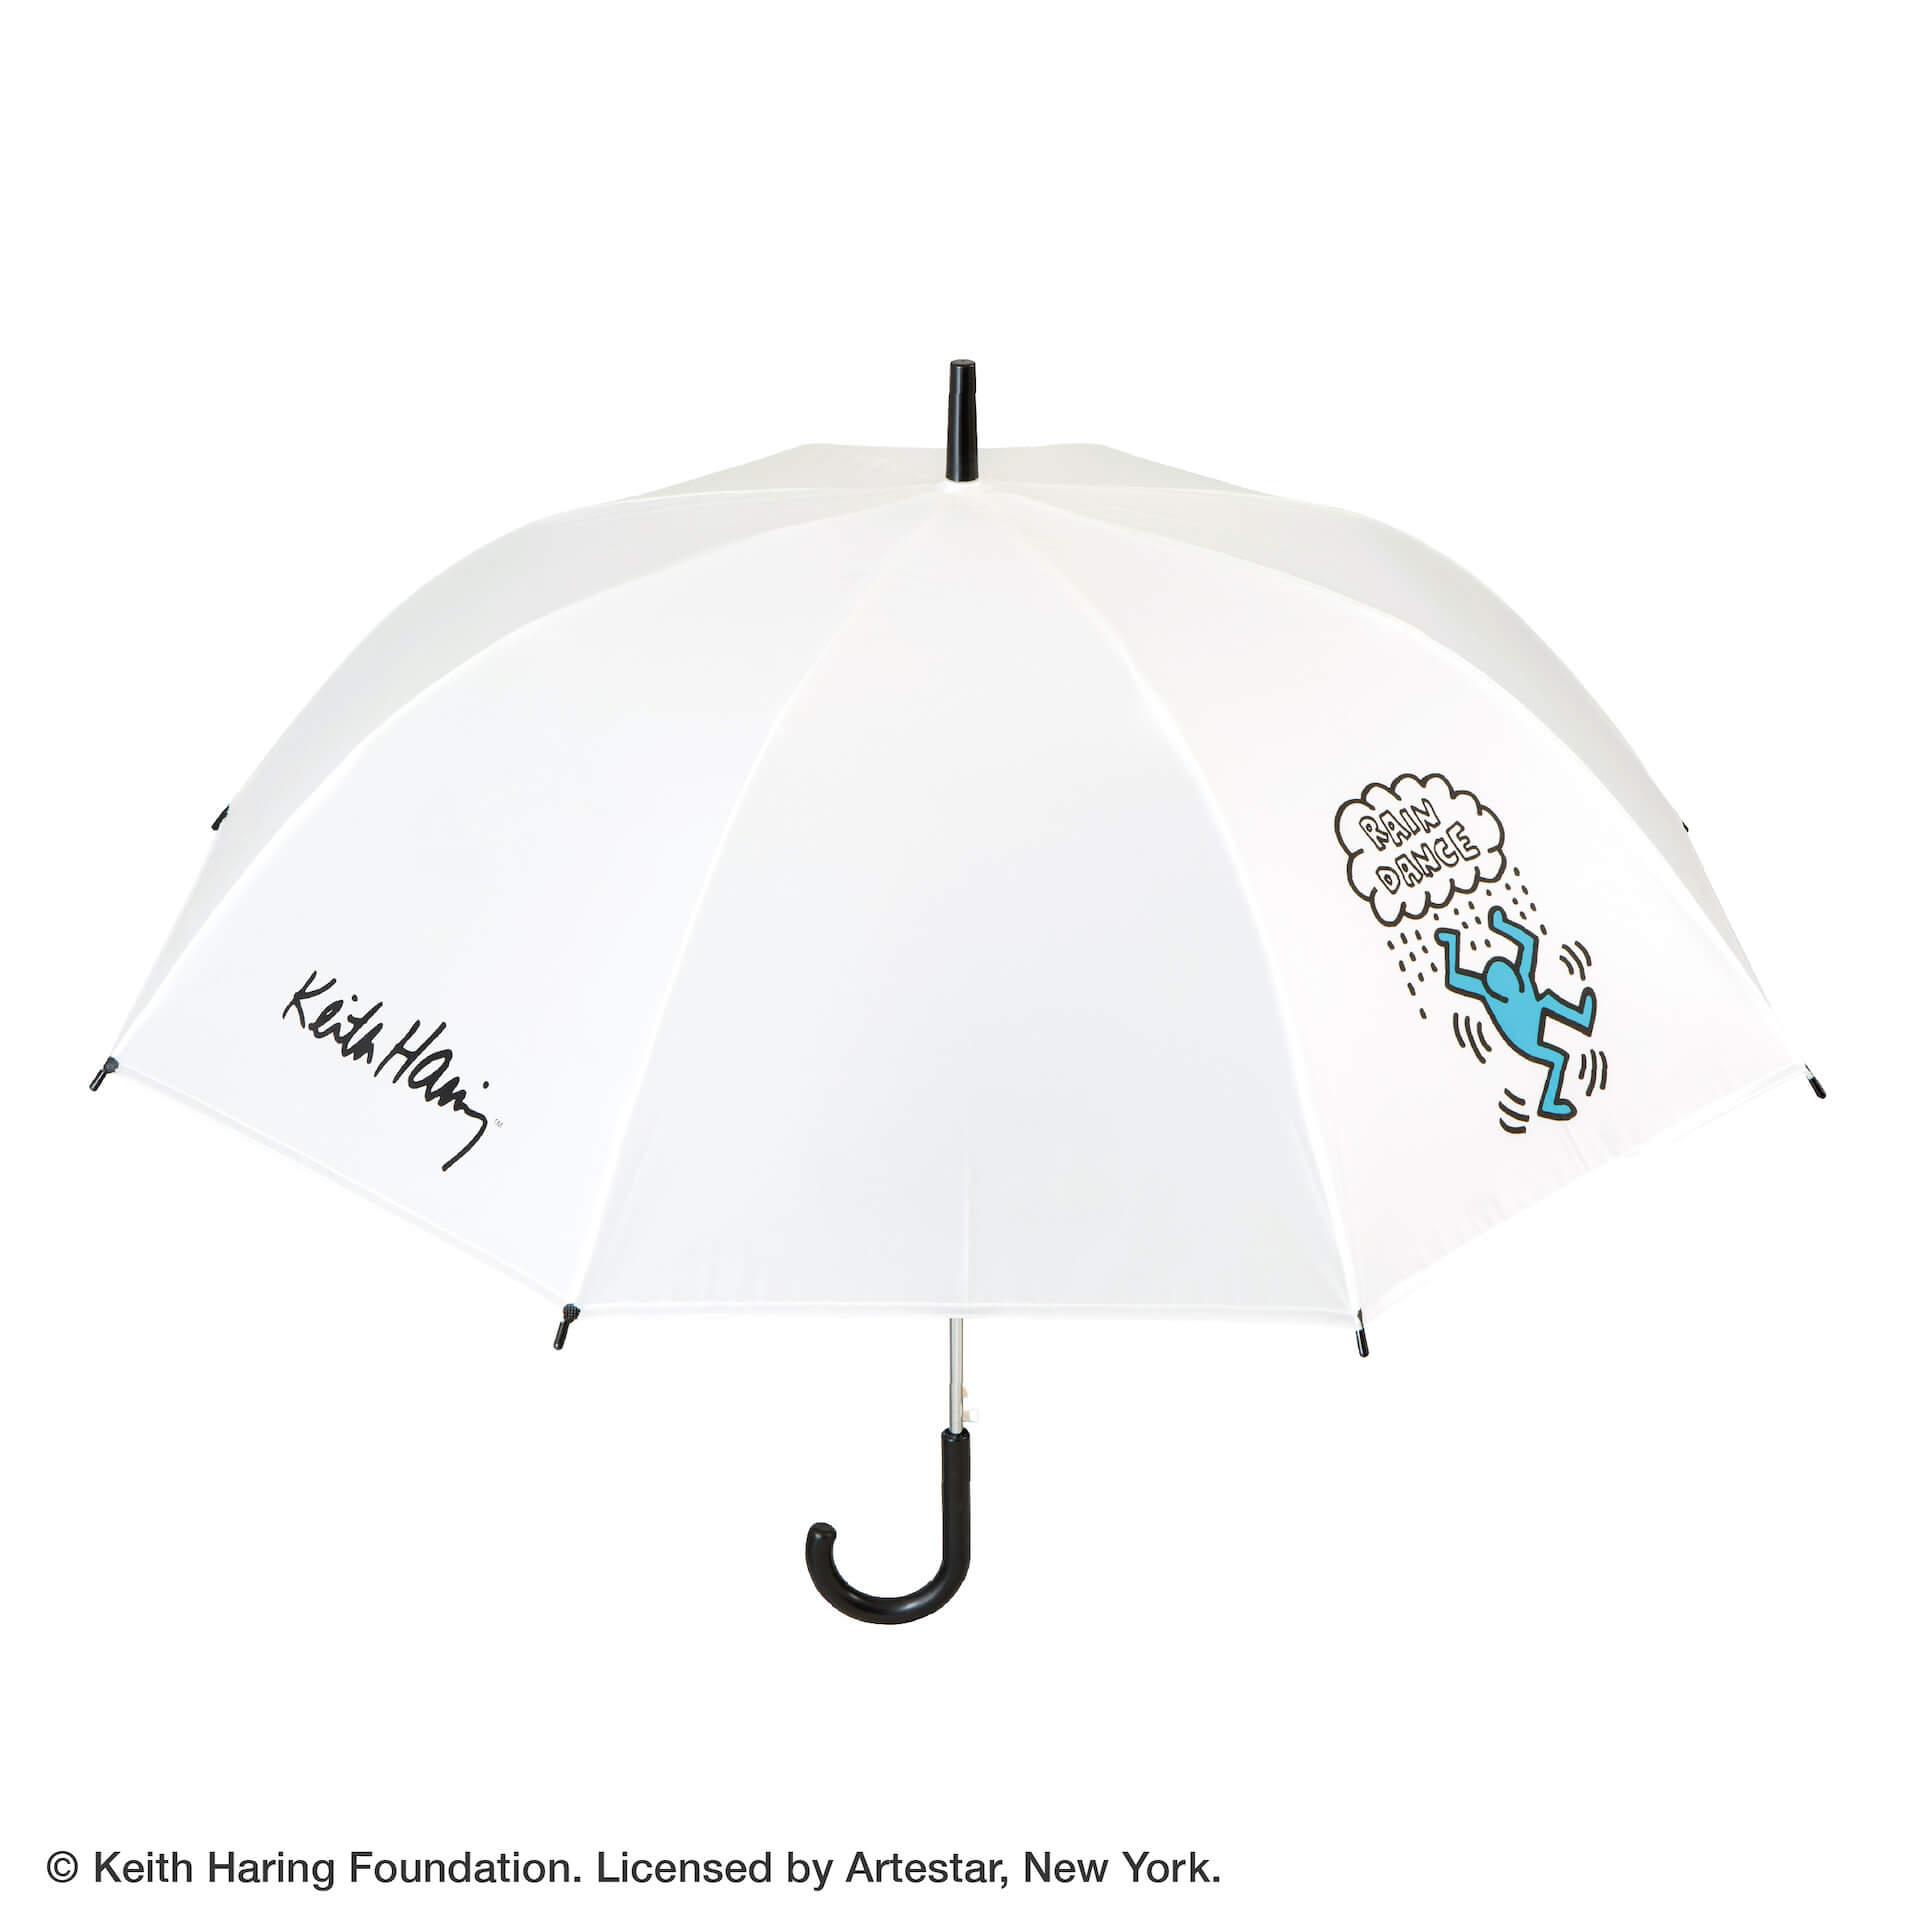 キース・ヘリングのアートデザインのビニール傘がセブンネットショッピングで先行予約開始!カラフル、モノトーンなど3種 lf200625_keith_haring_umbrella_04